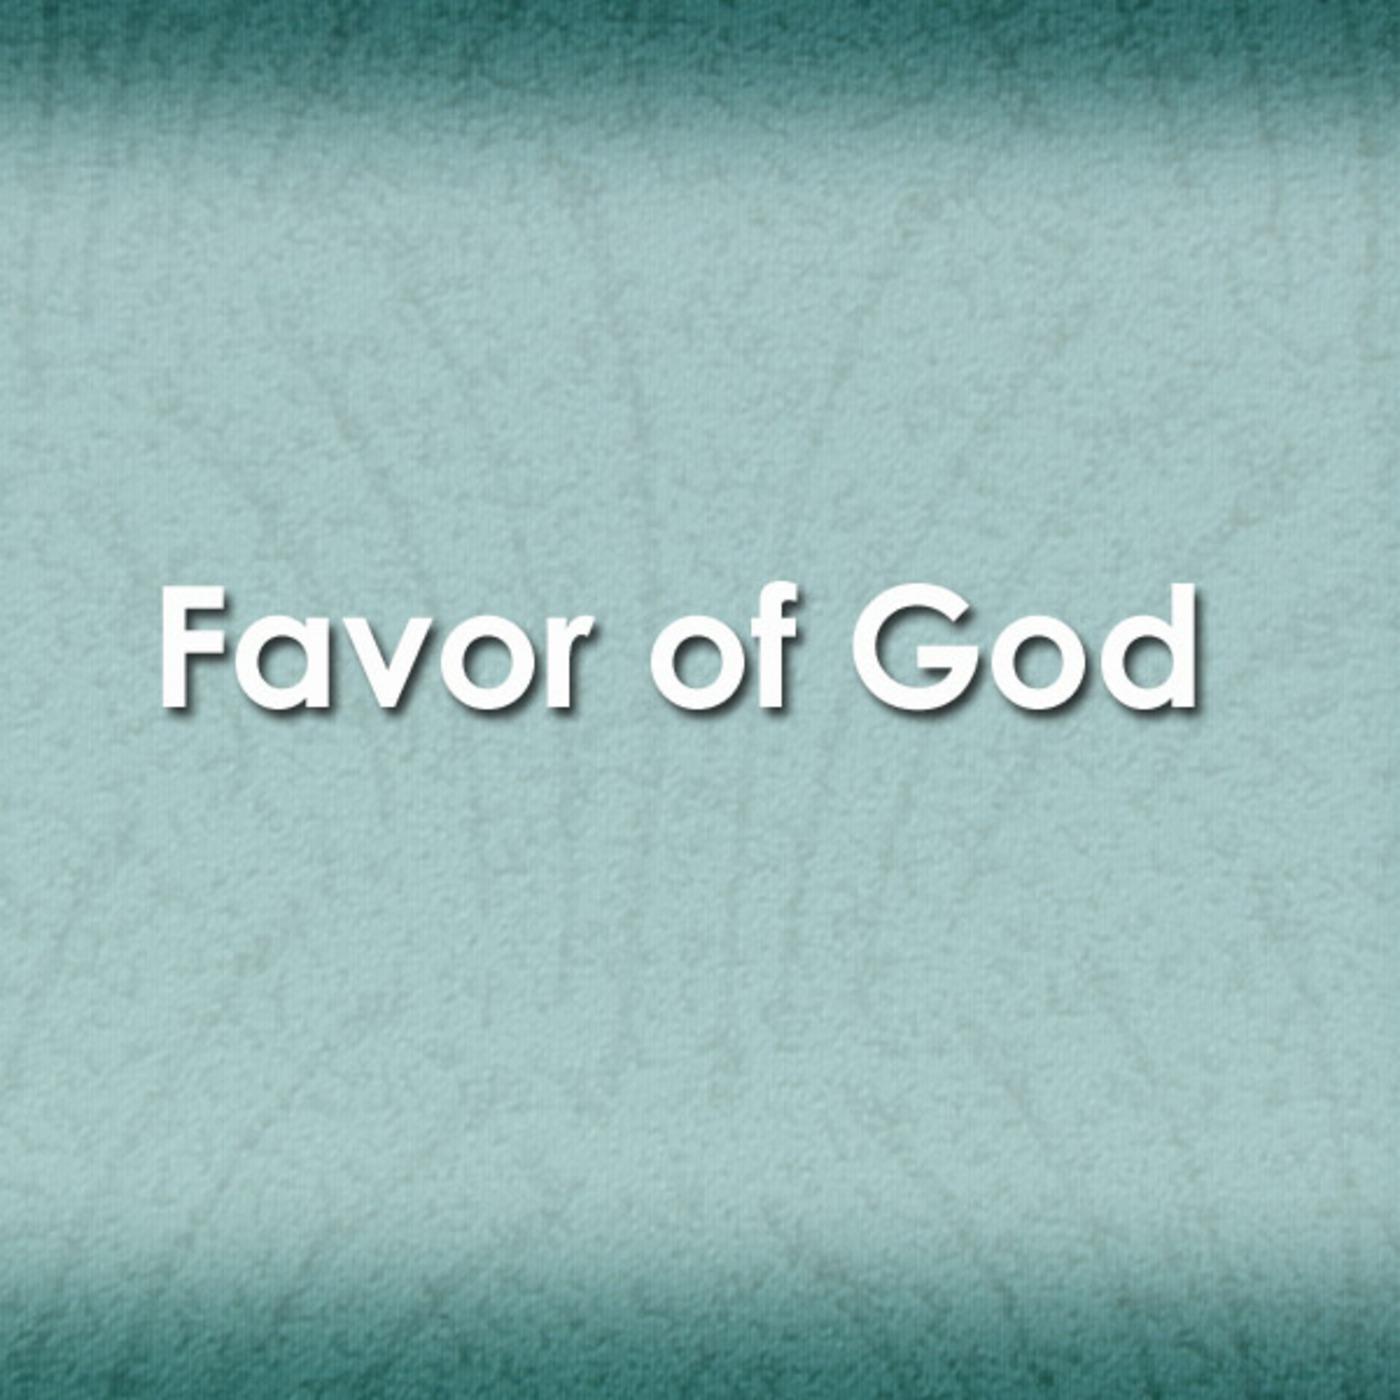 Favor of God-Hold the Favor-I Have a Problem